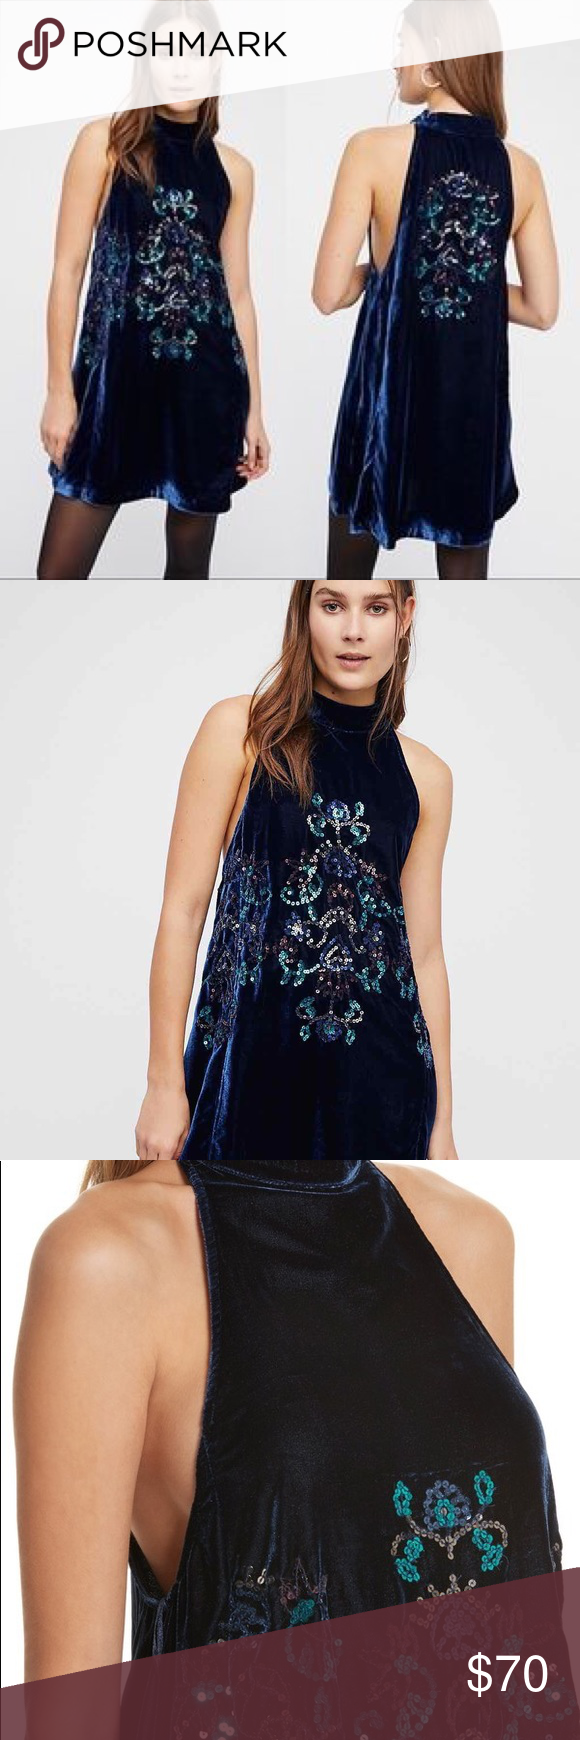 7f468e0b7fe1 Free People Jill's Sequin Velvet Swing Dress NWT Luxe navy blue velvet,  with an eye